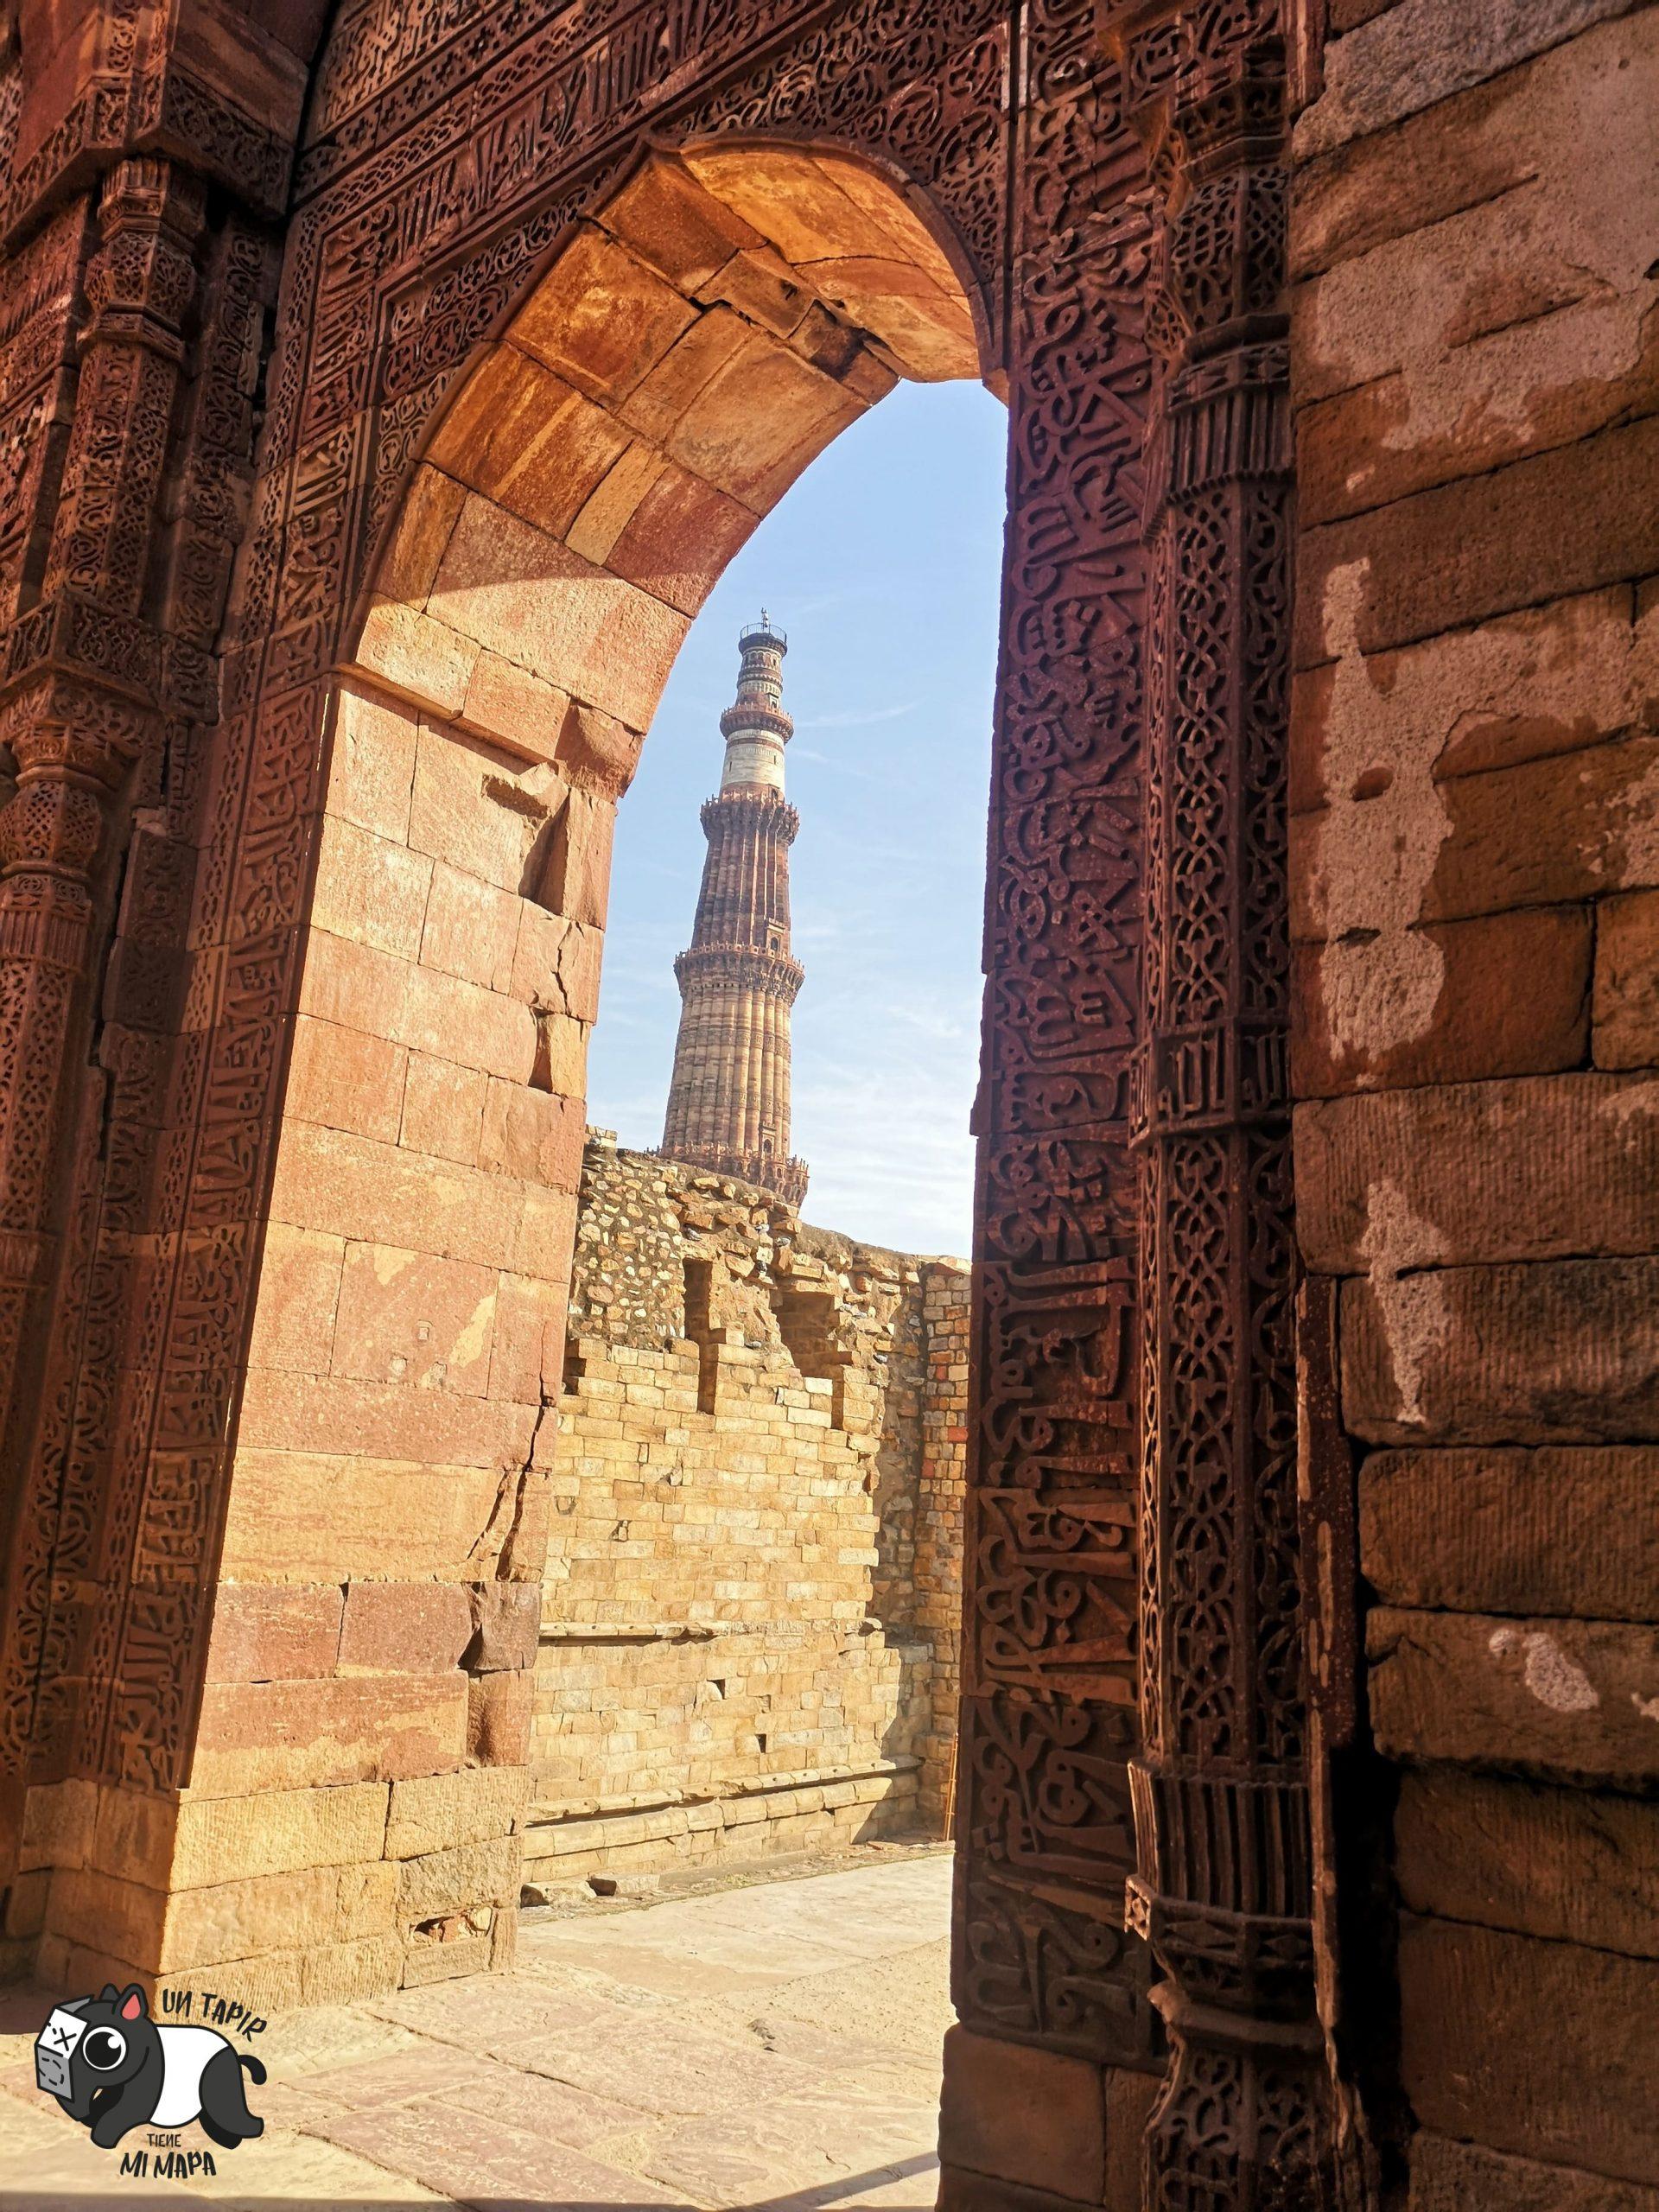 Imagen de Qutb Minar desde una de las puertas del complejo.